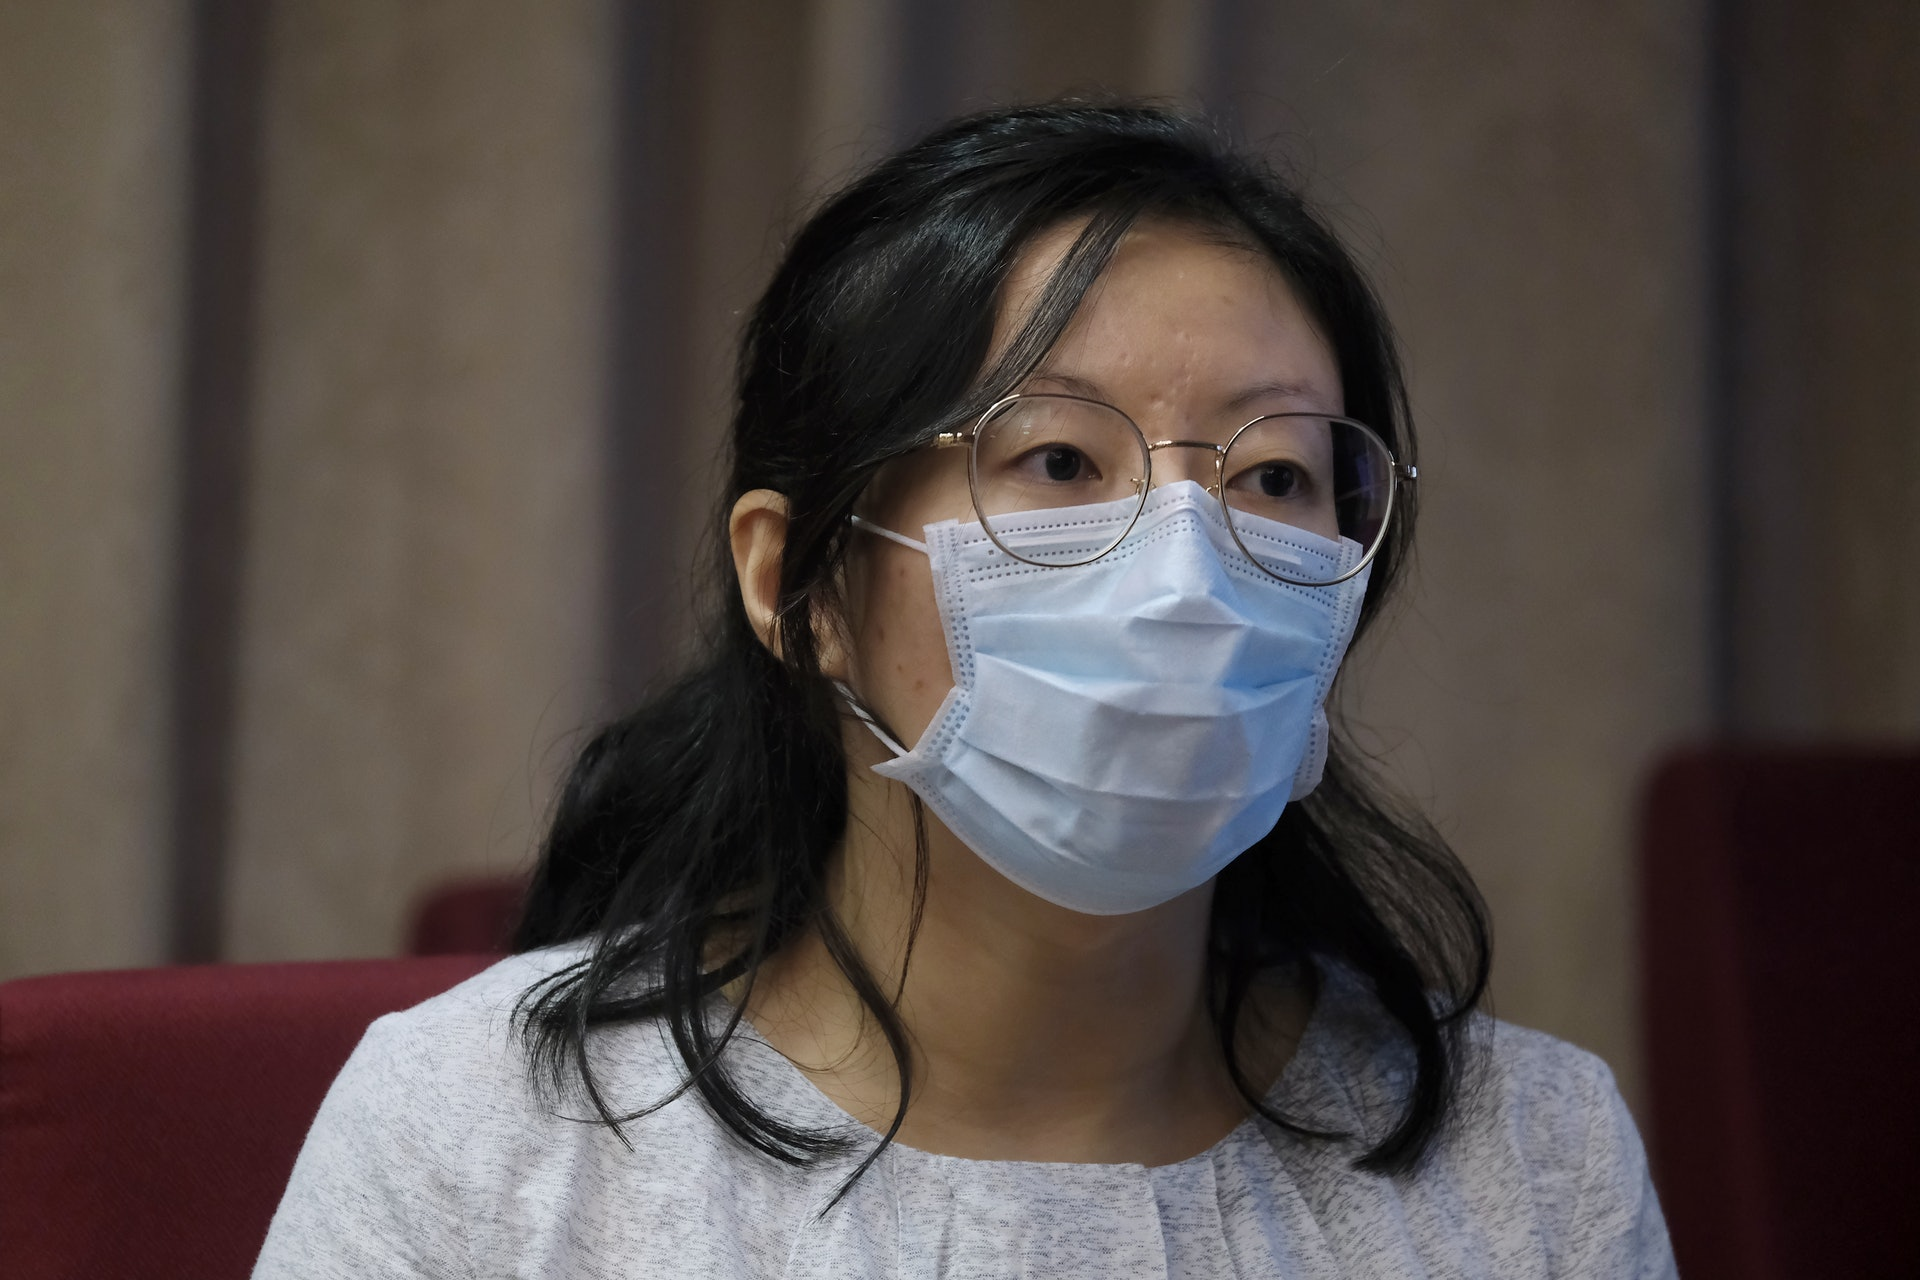 陳映彤分享照顧病人的經驗,提到團隊十分重視便椅的安全性設計。(歐嘉樂攝)